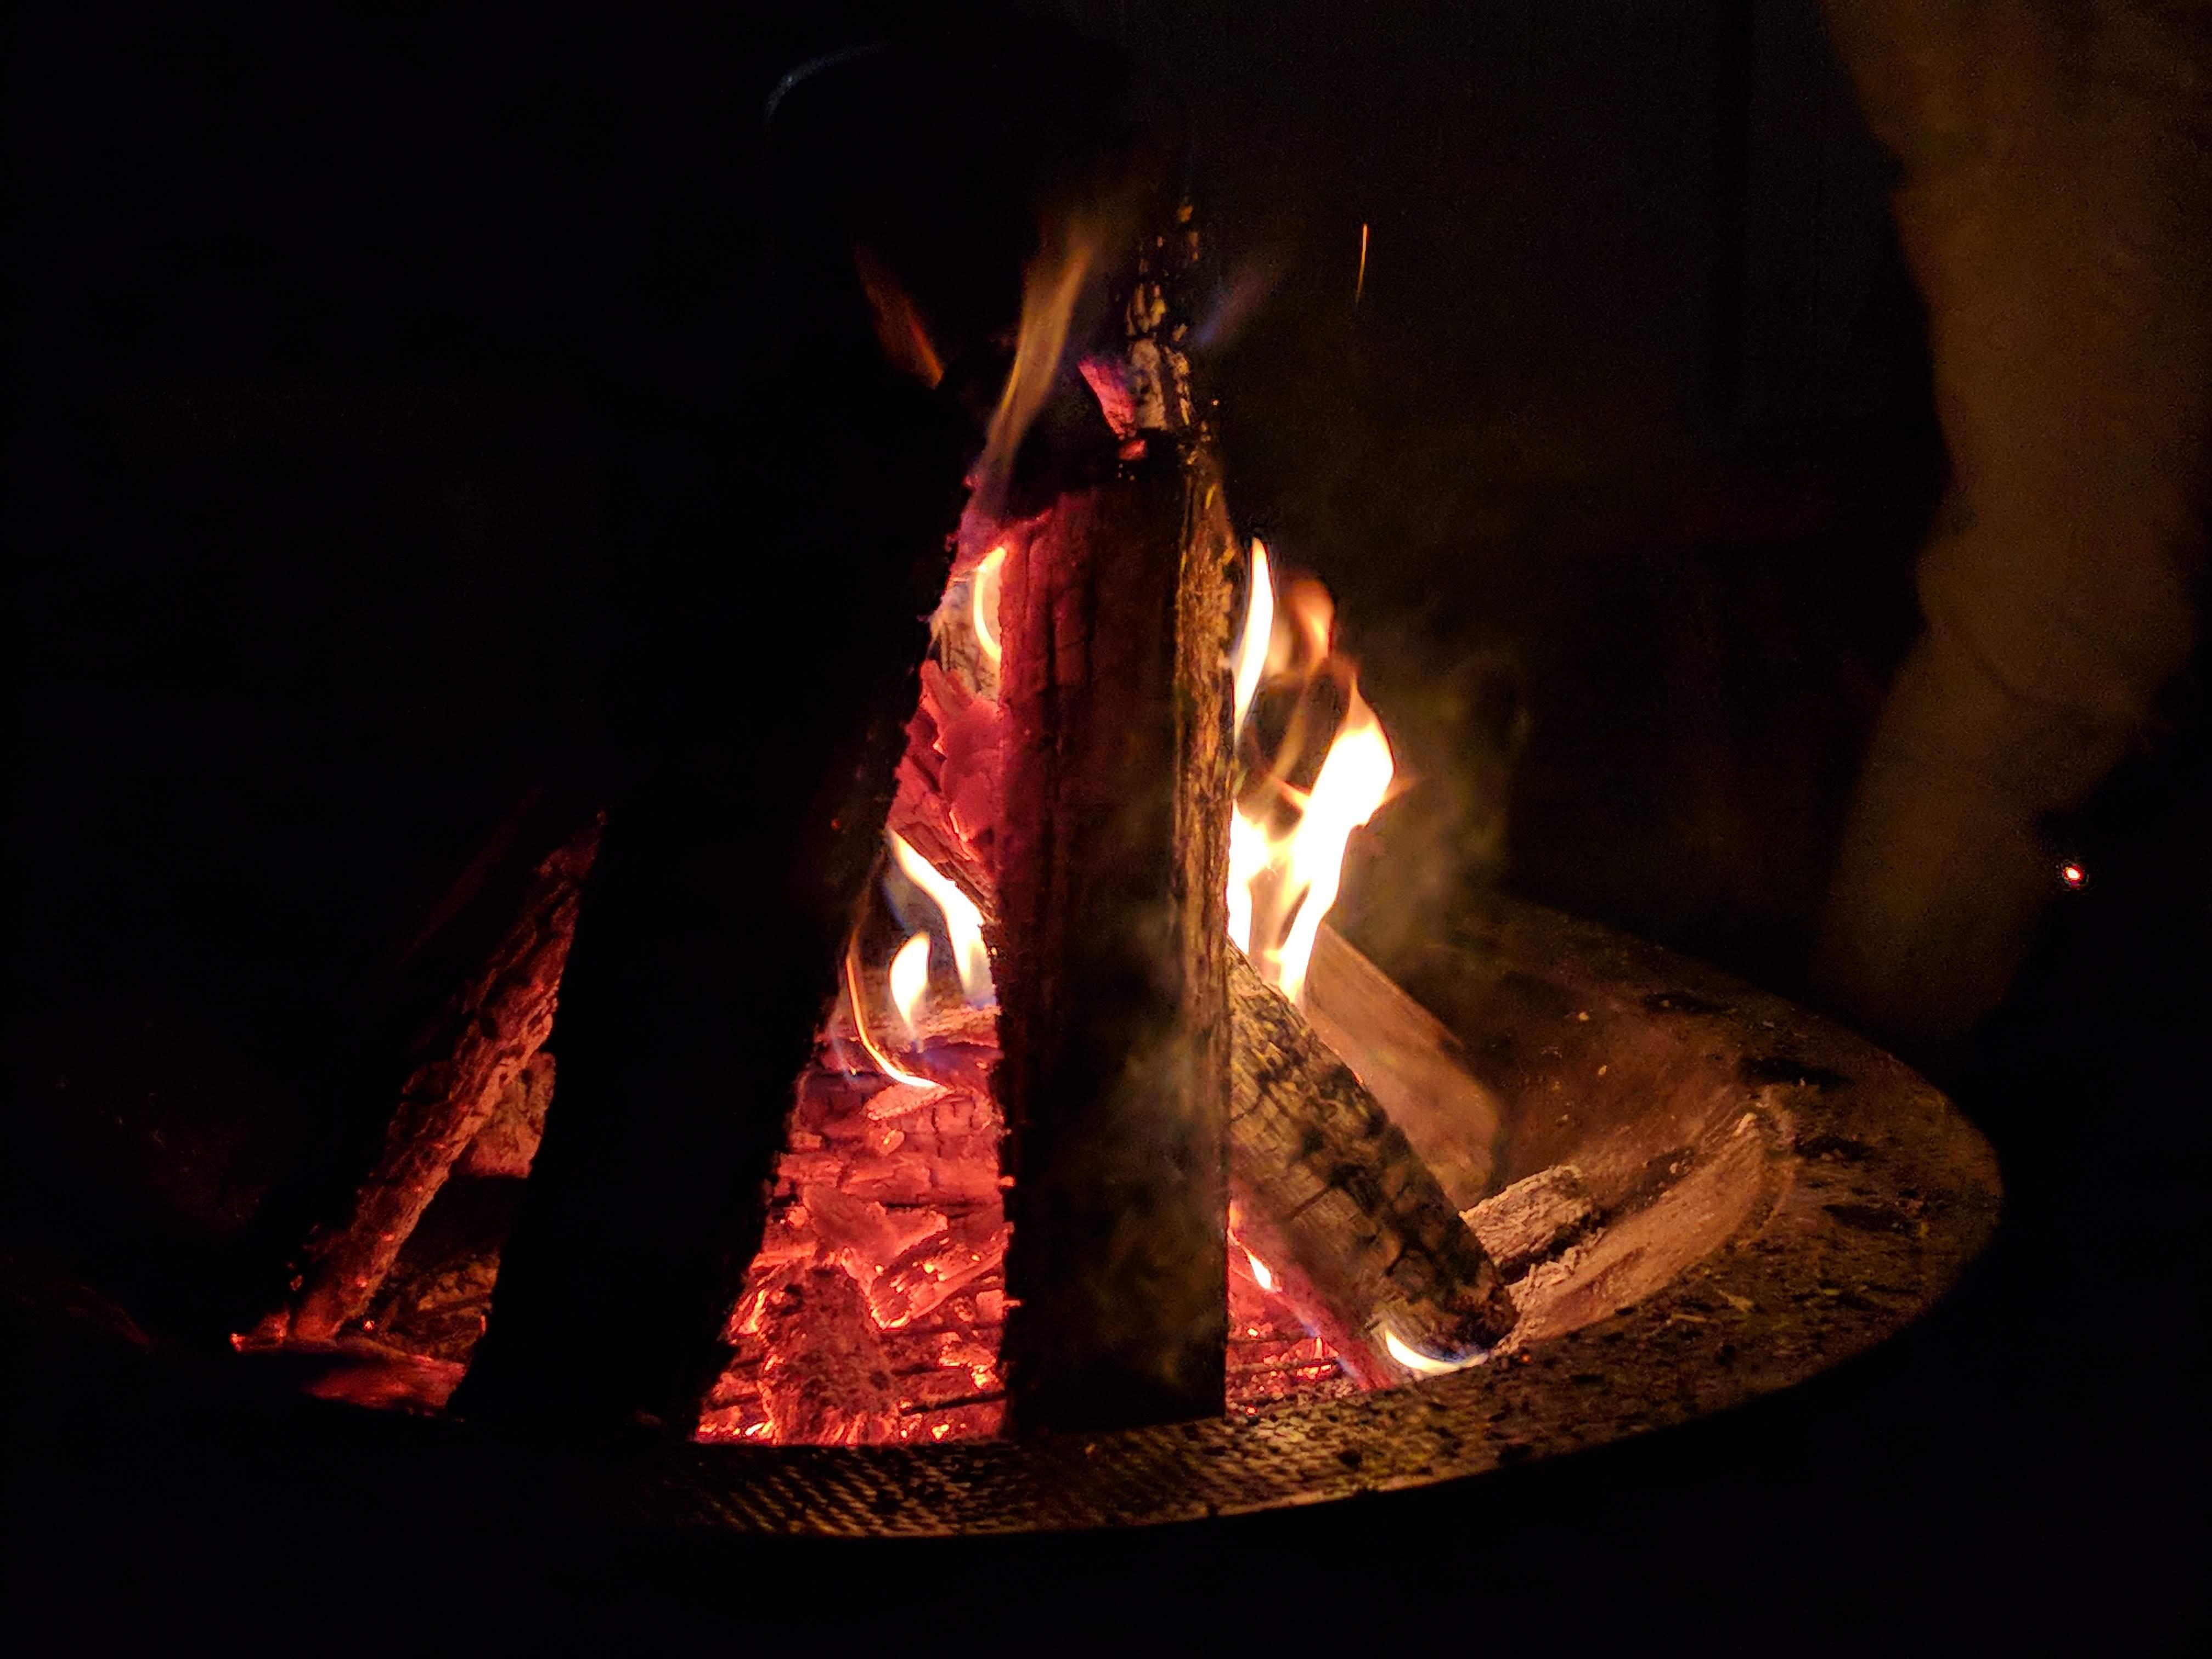 logs on fire in firepit